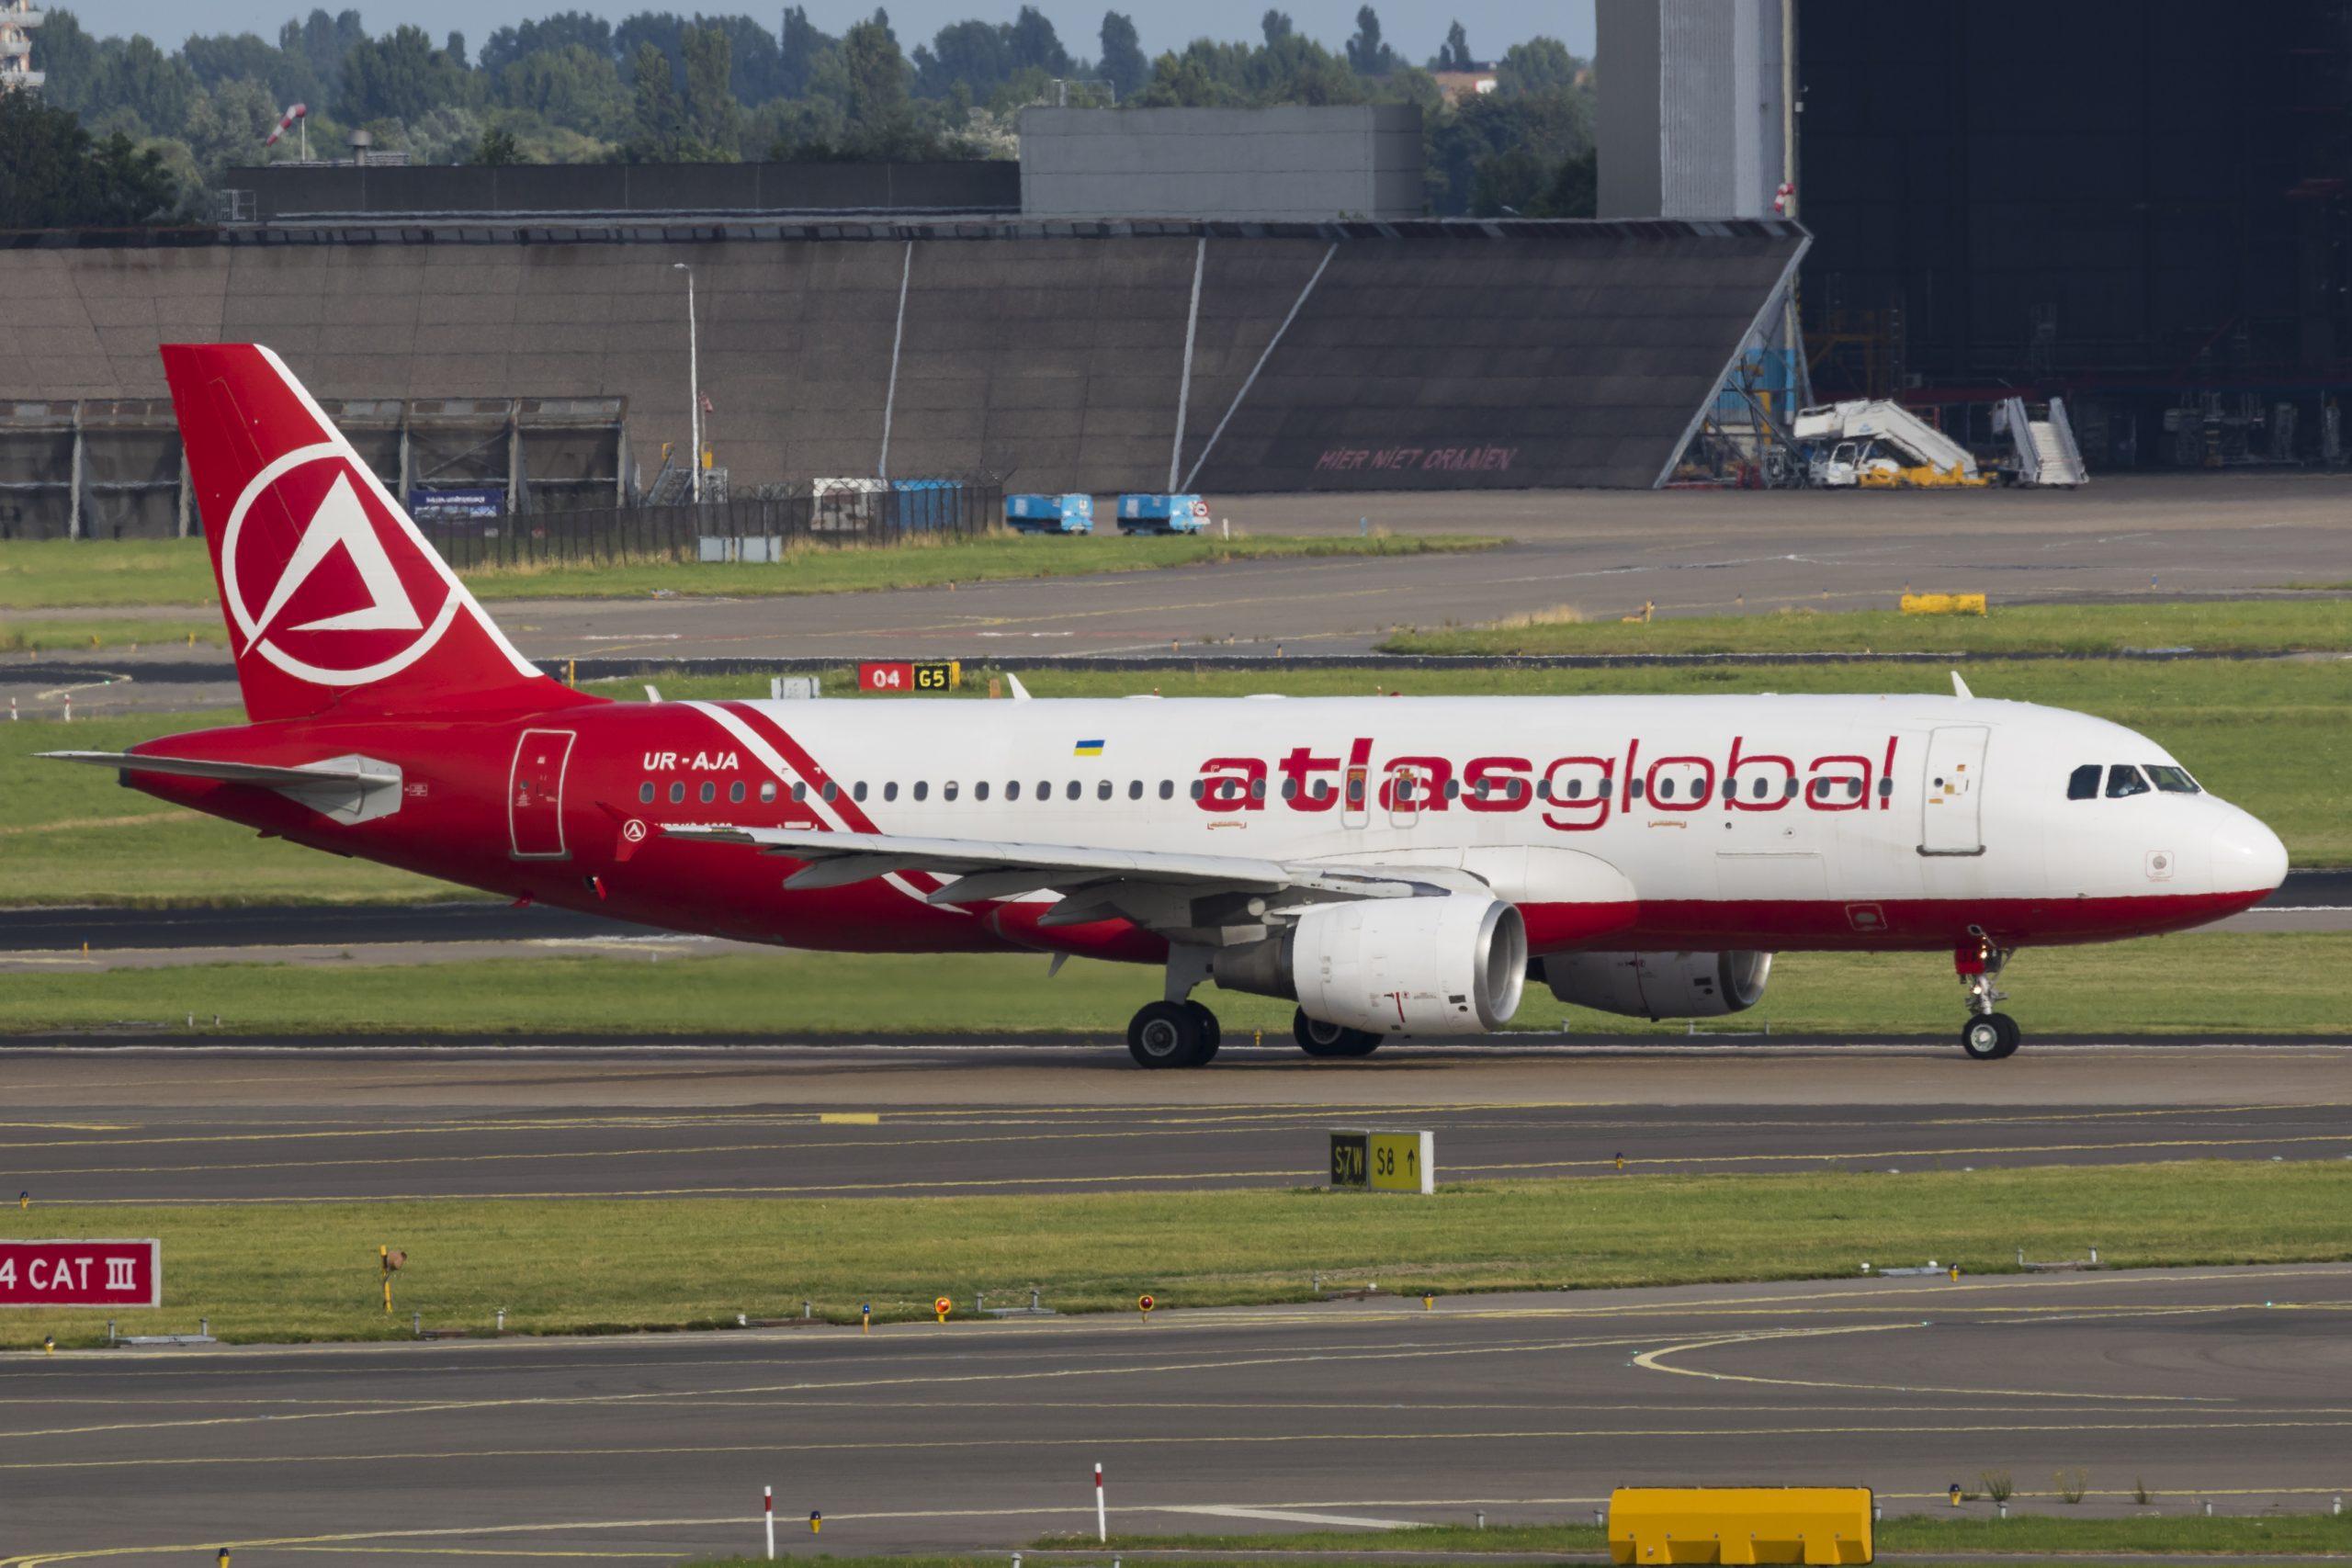 En Airbus A320-200 fra det tyrkiske flyselskab AtlasGlobal. Foto: © Thorbjørn Brunander Sund, Danish Aviation Photo